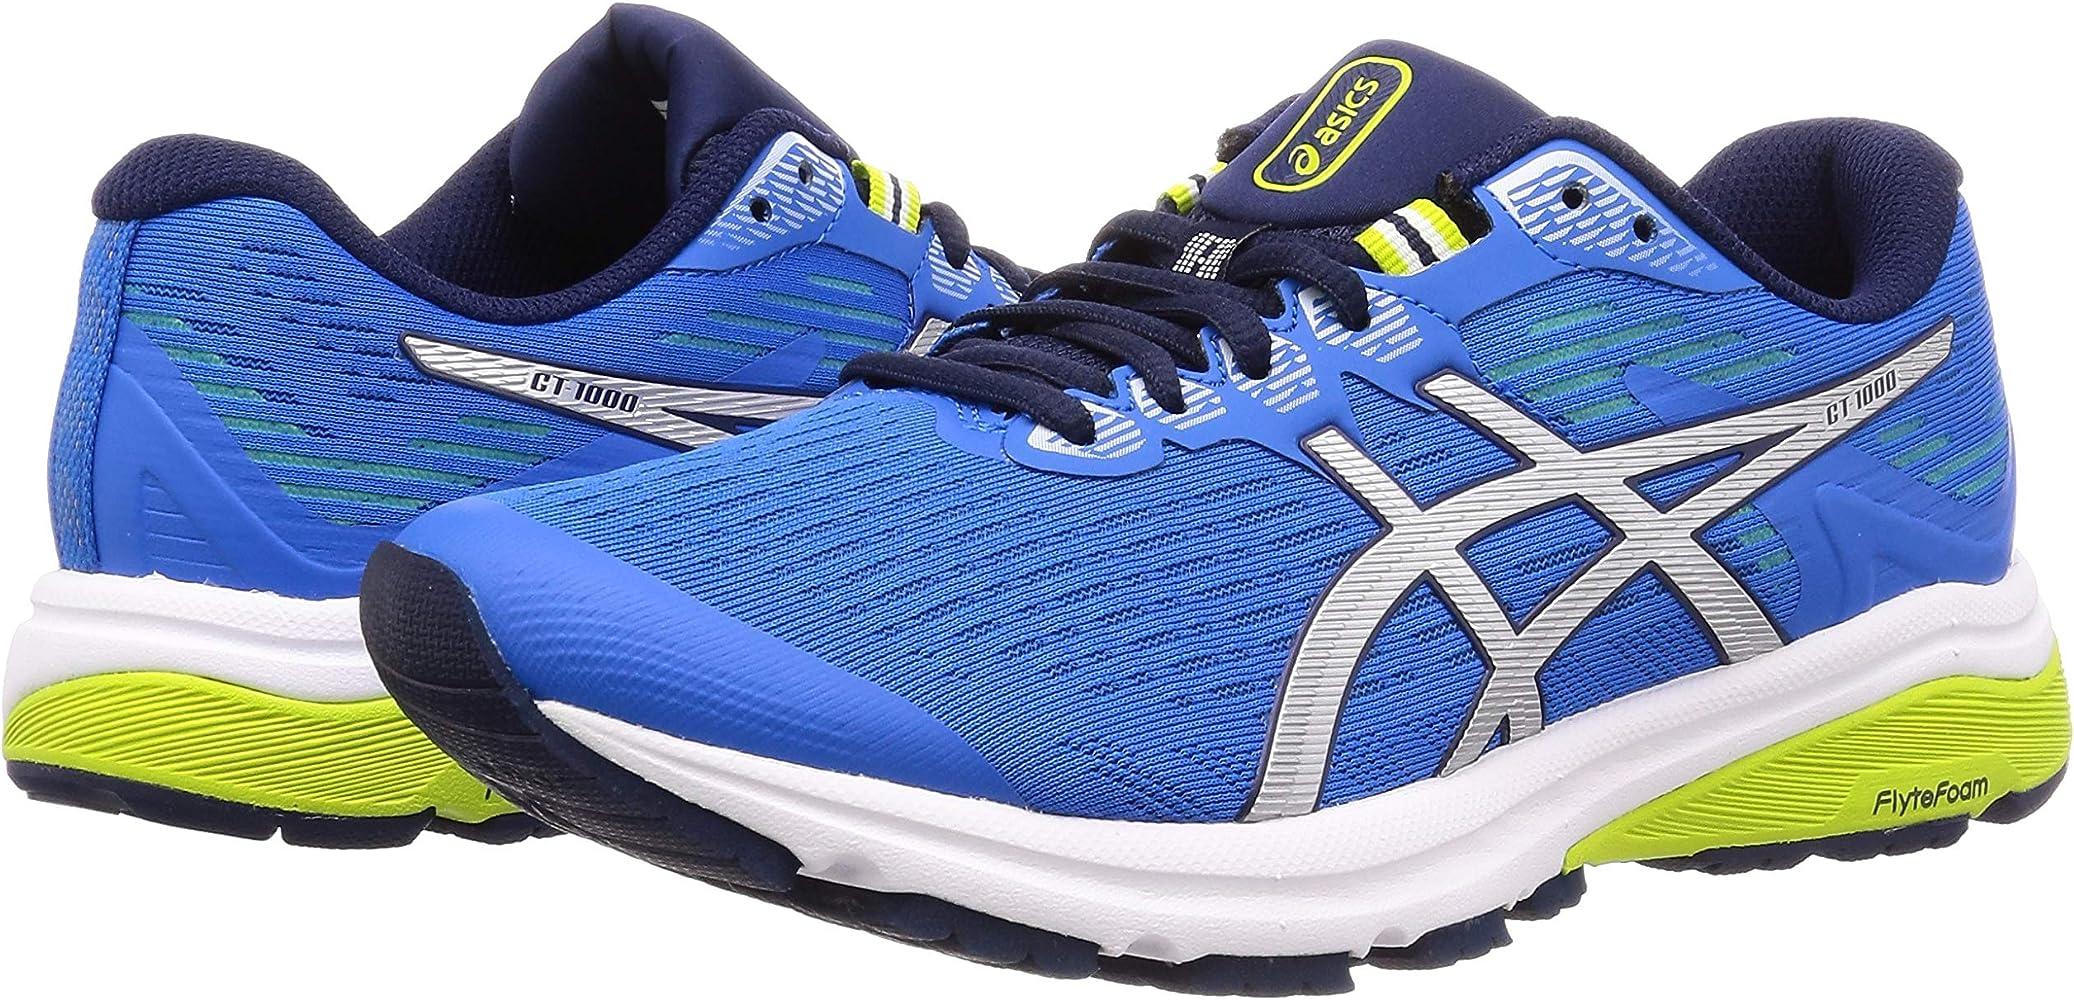 Asics Gt-1000 8, Zapatillas de Running para Hombre, Azul (Electric ...